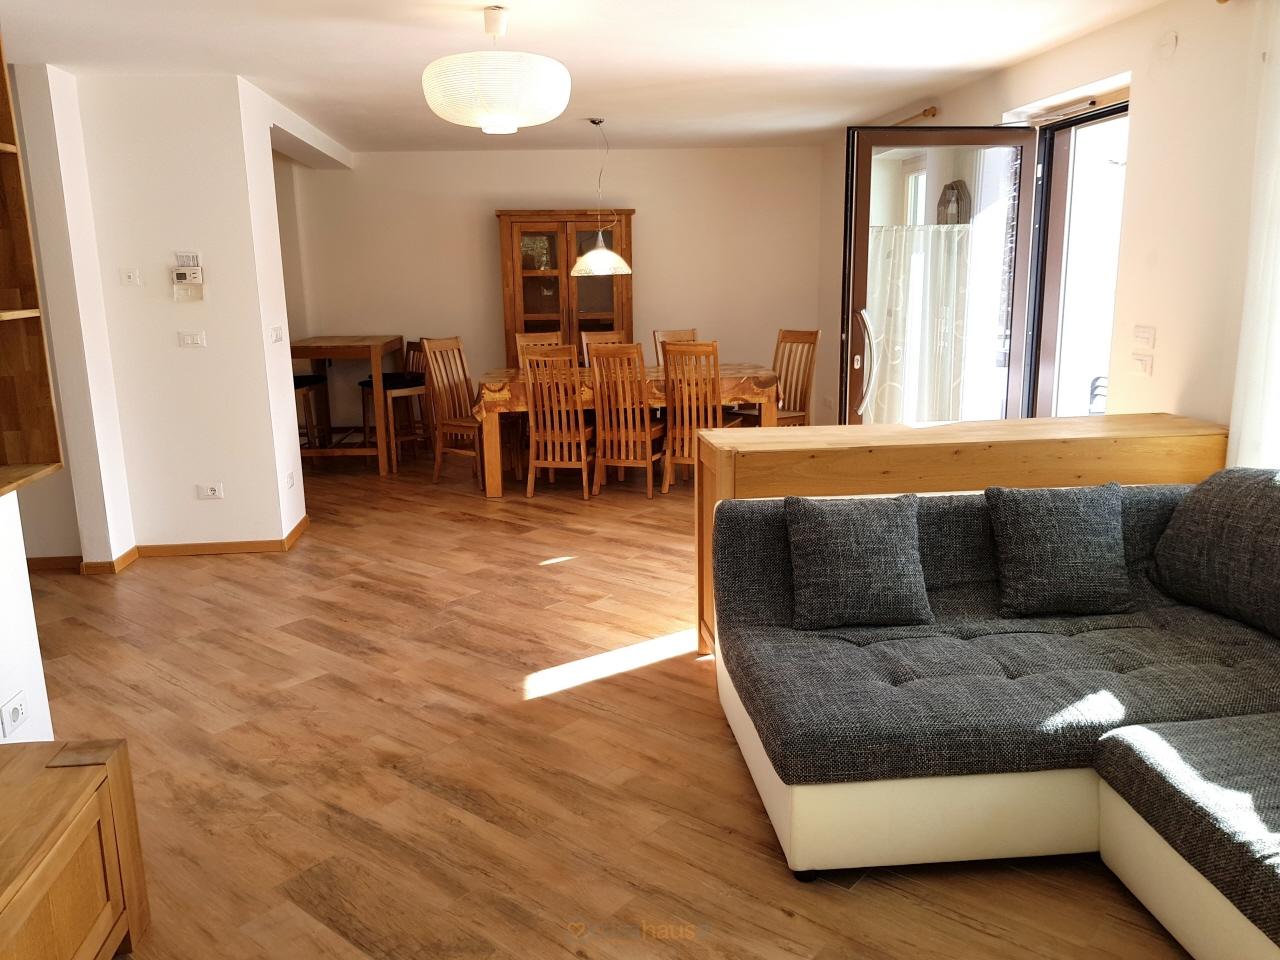 Appartamento in vendita a Valle Aurina, 3 locali, prezzo € 320.000 | CambioCasa.it